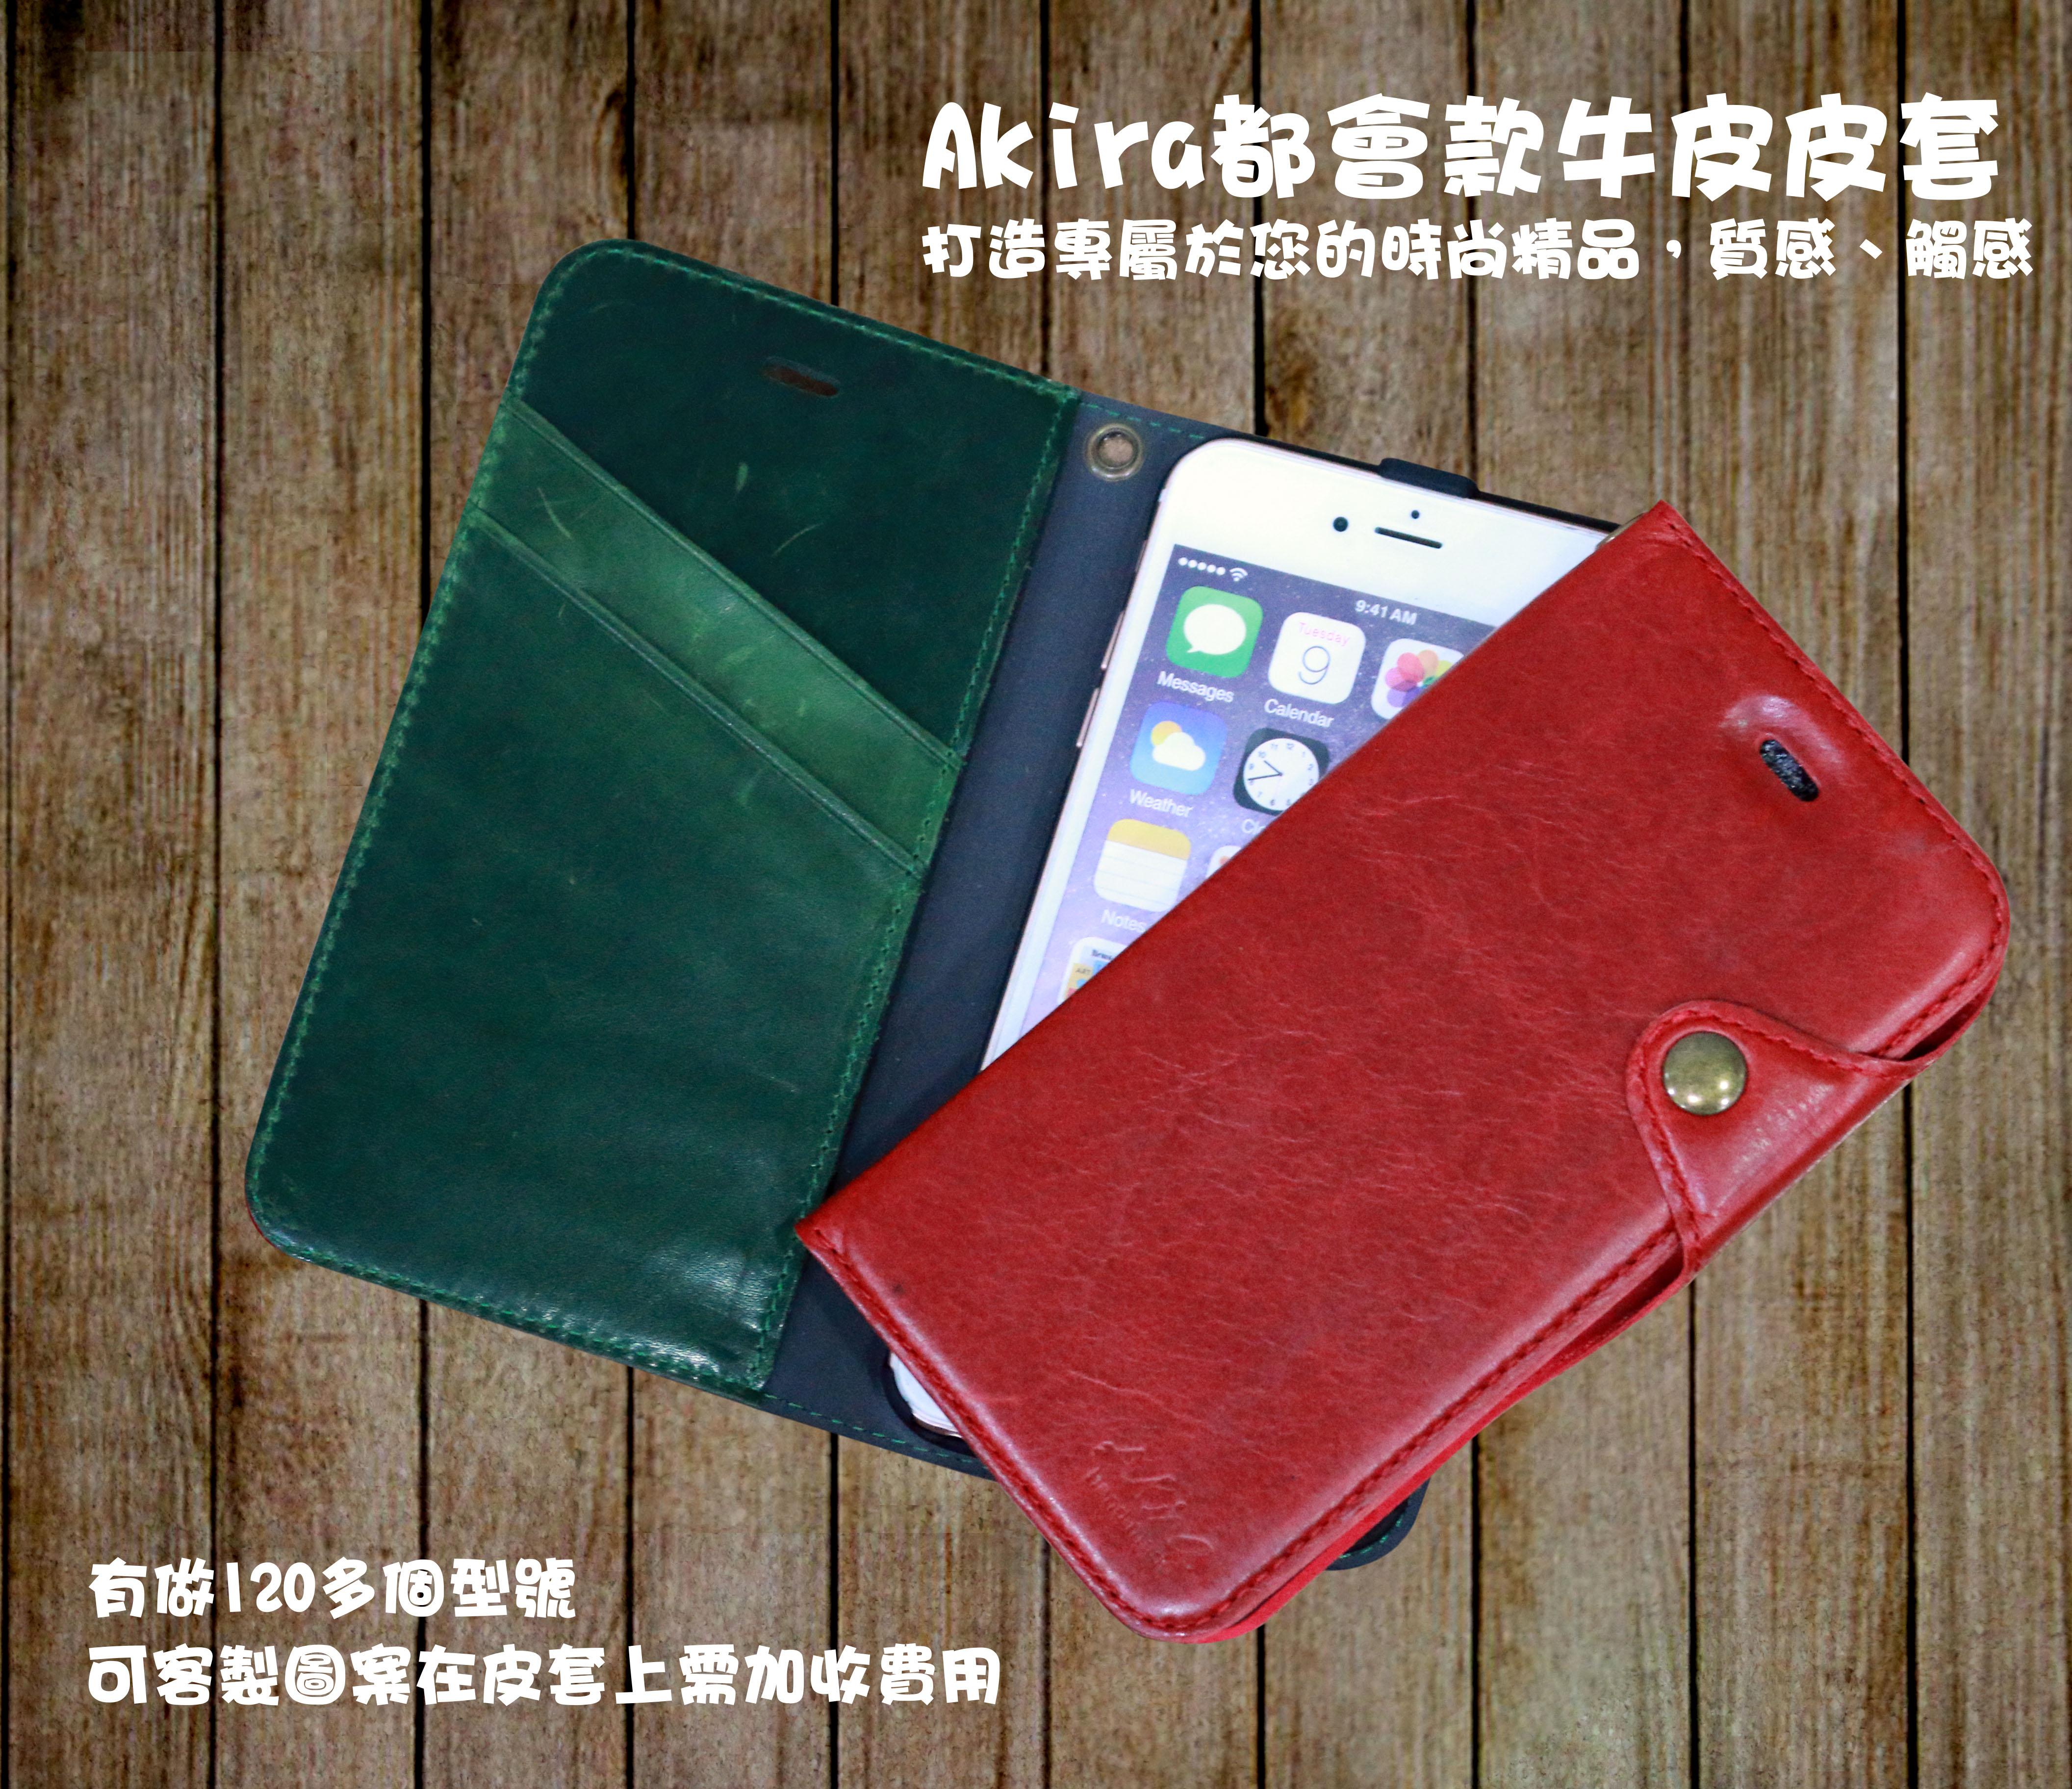 [HTC]Akira手工真皮皮套 [新款可插卡]台灣獨家特別版[D820,D826,A9,M9,M9+,EYE,D620] 0